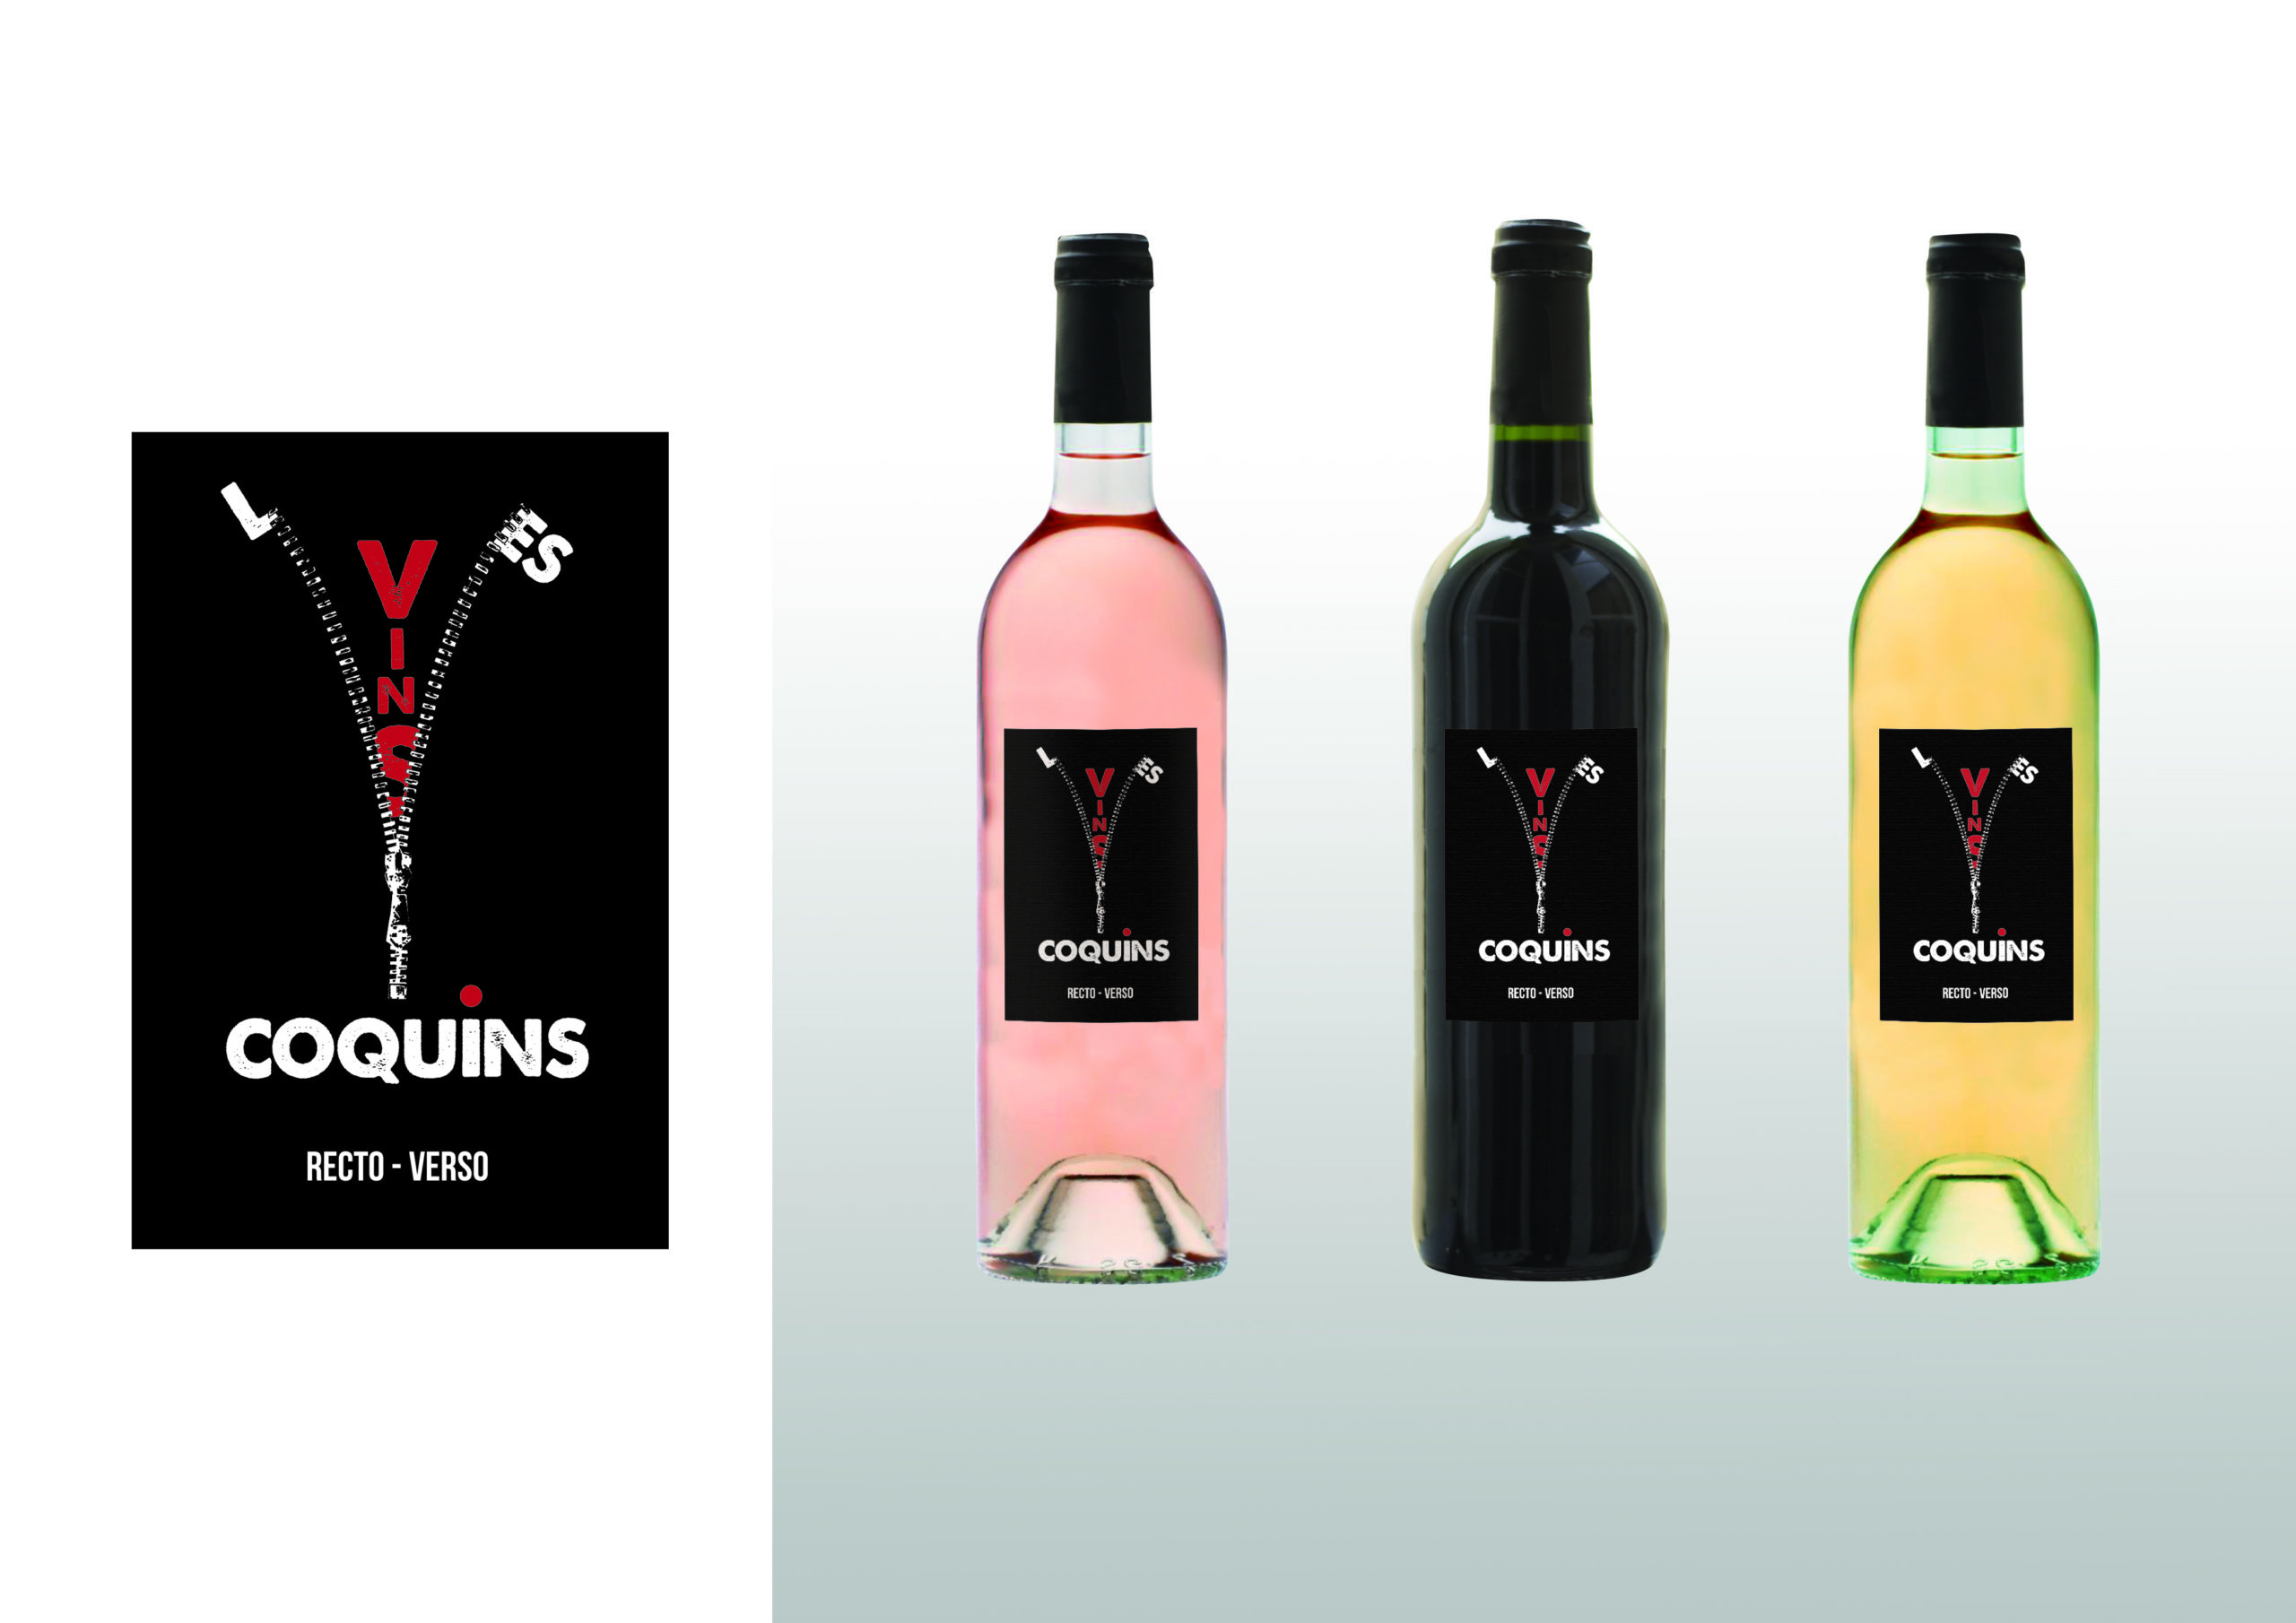 première étiquette les vins coquins